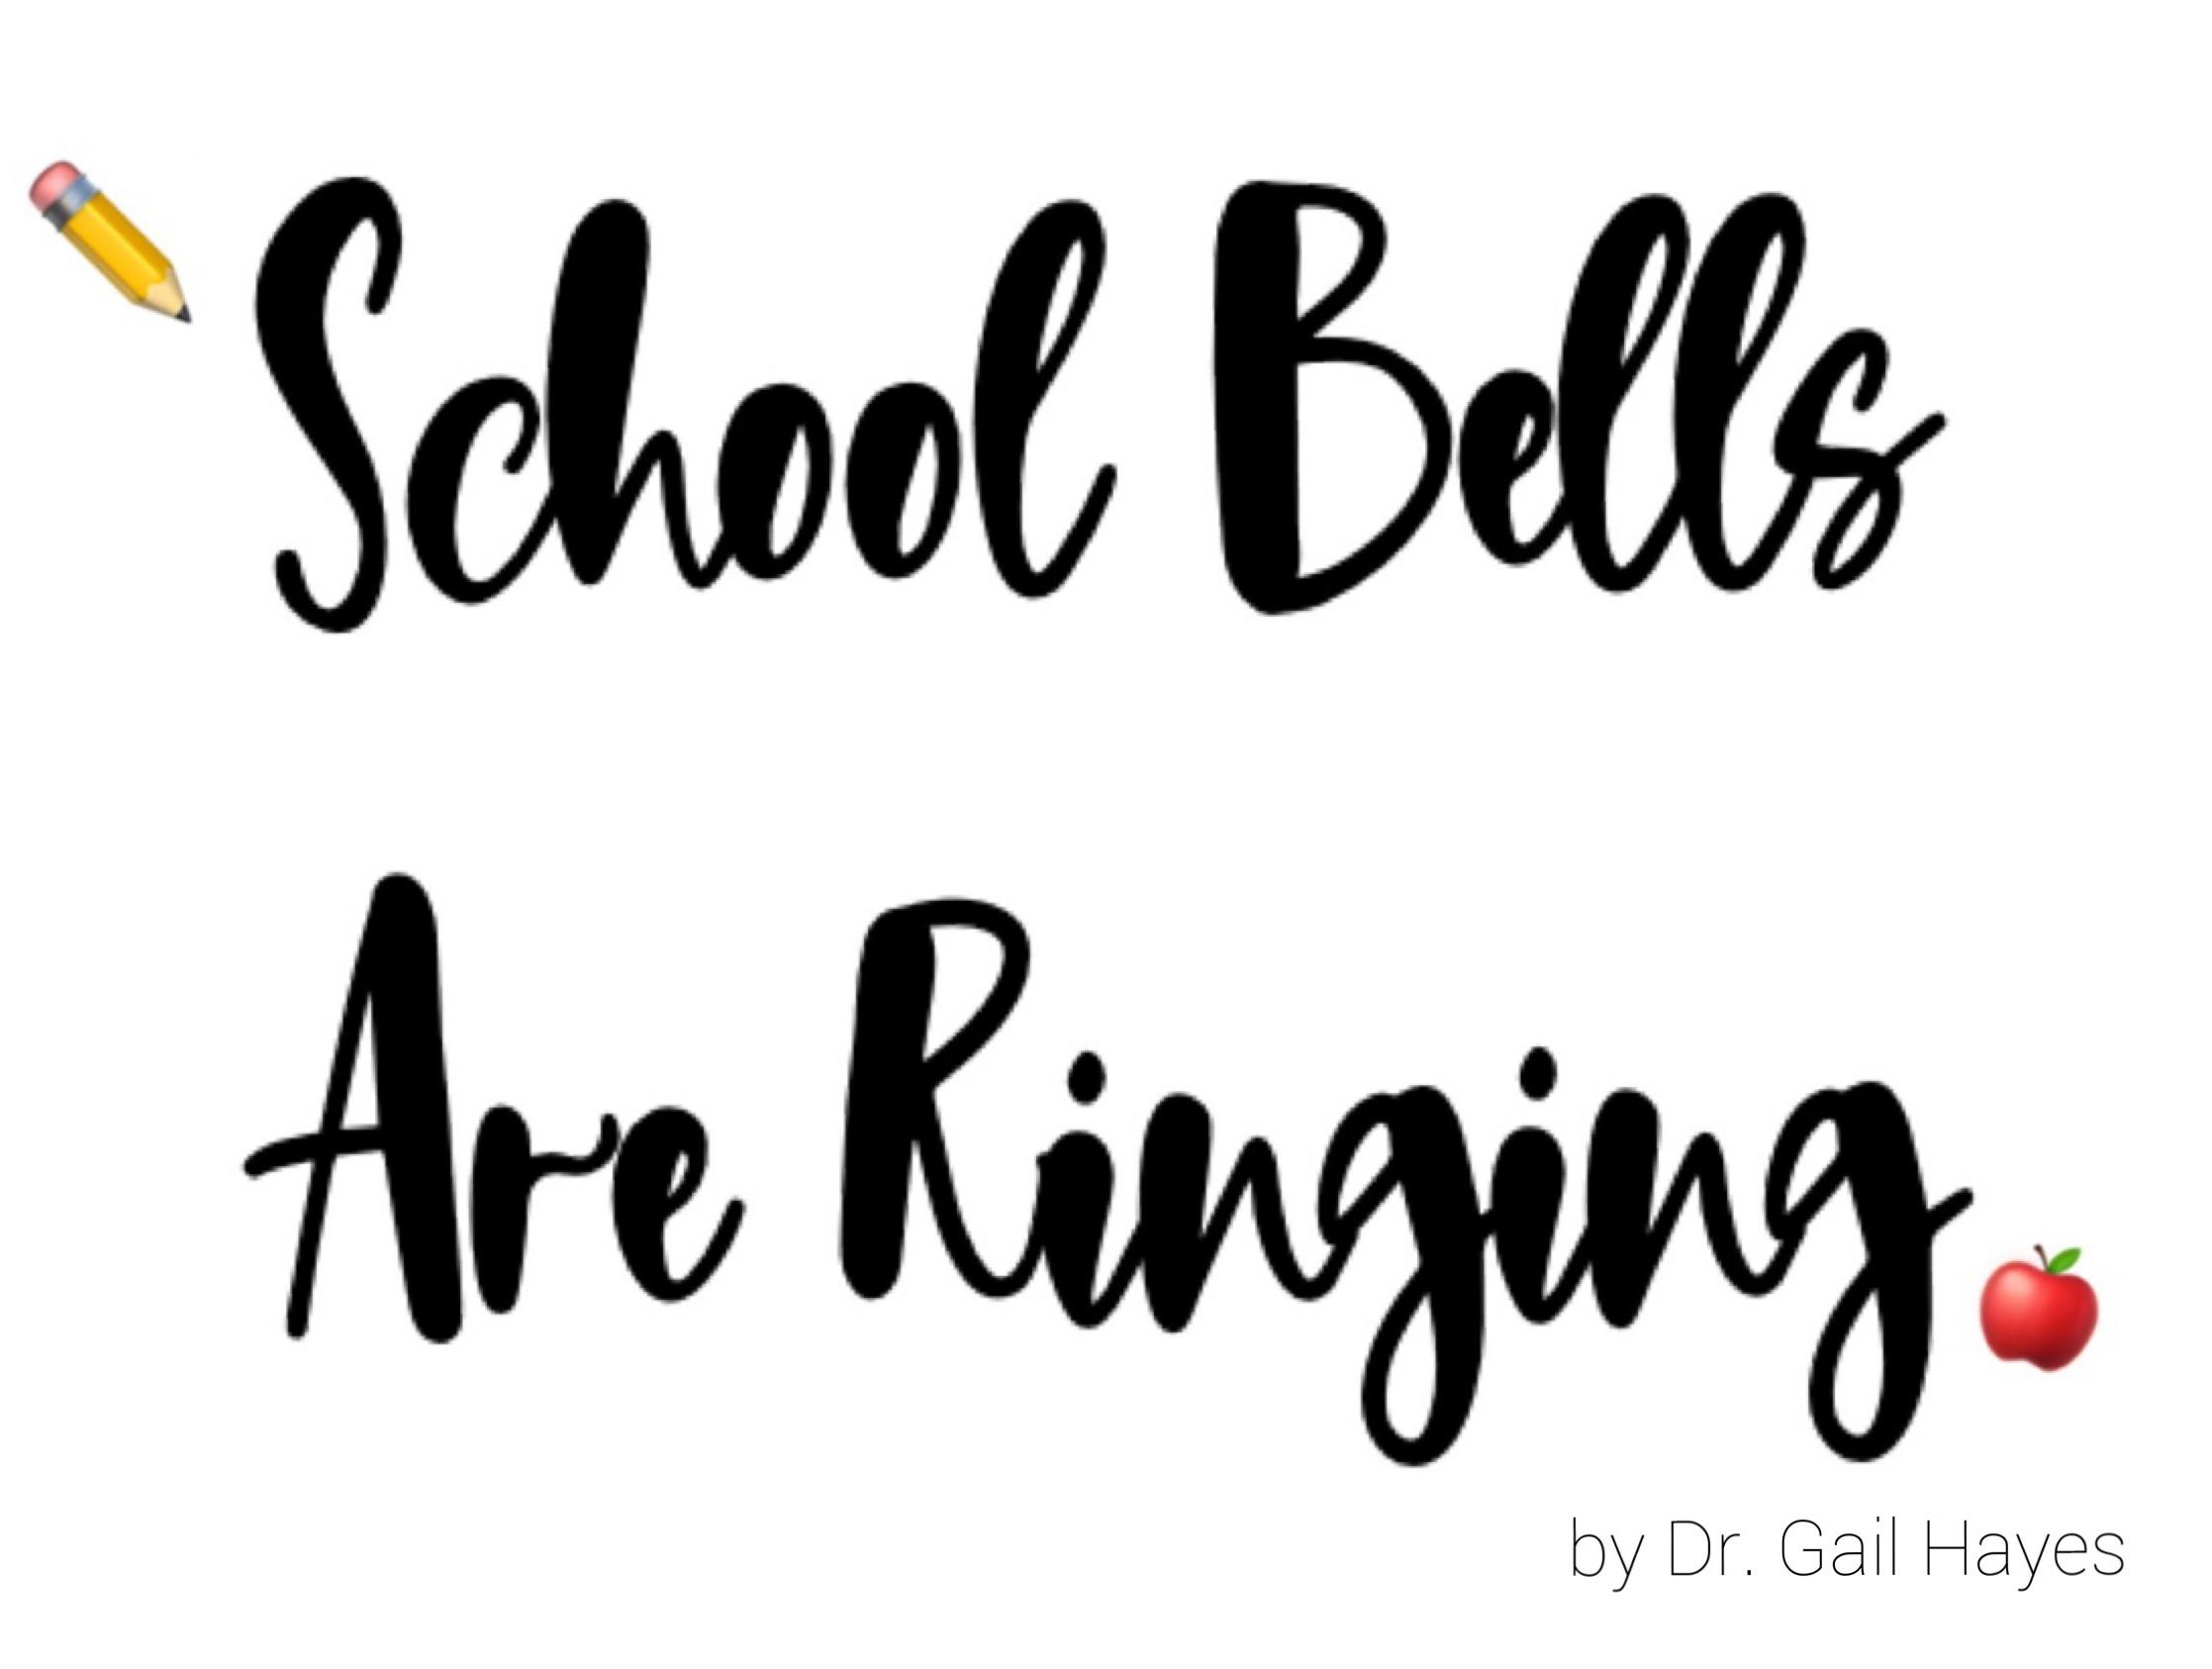 SCHOOL BELLS ARE RINGING